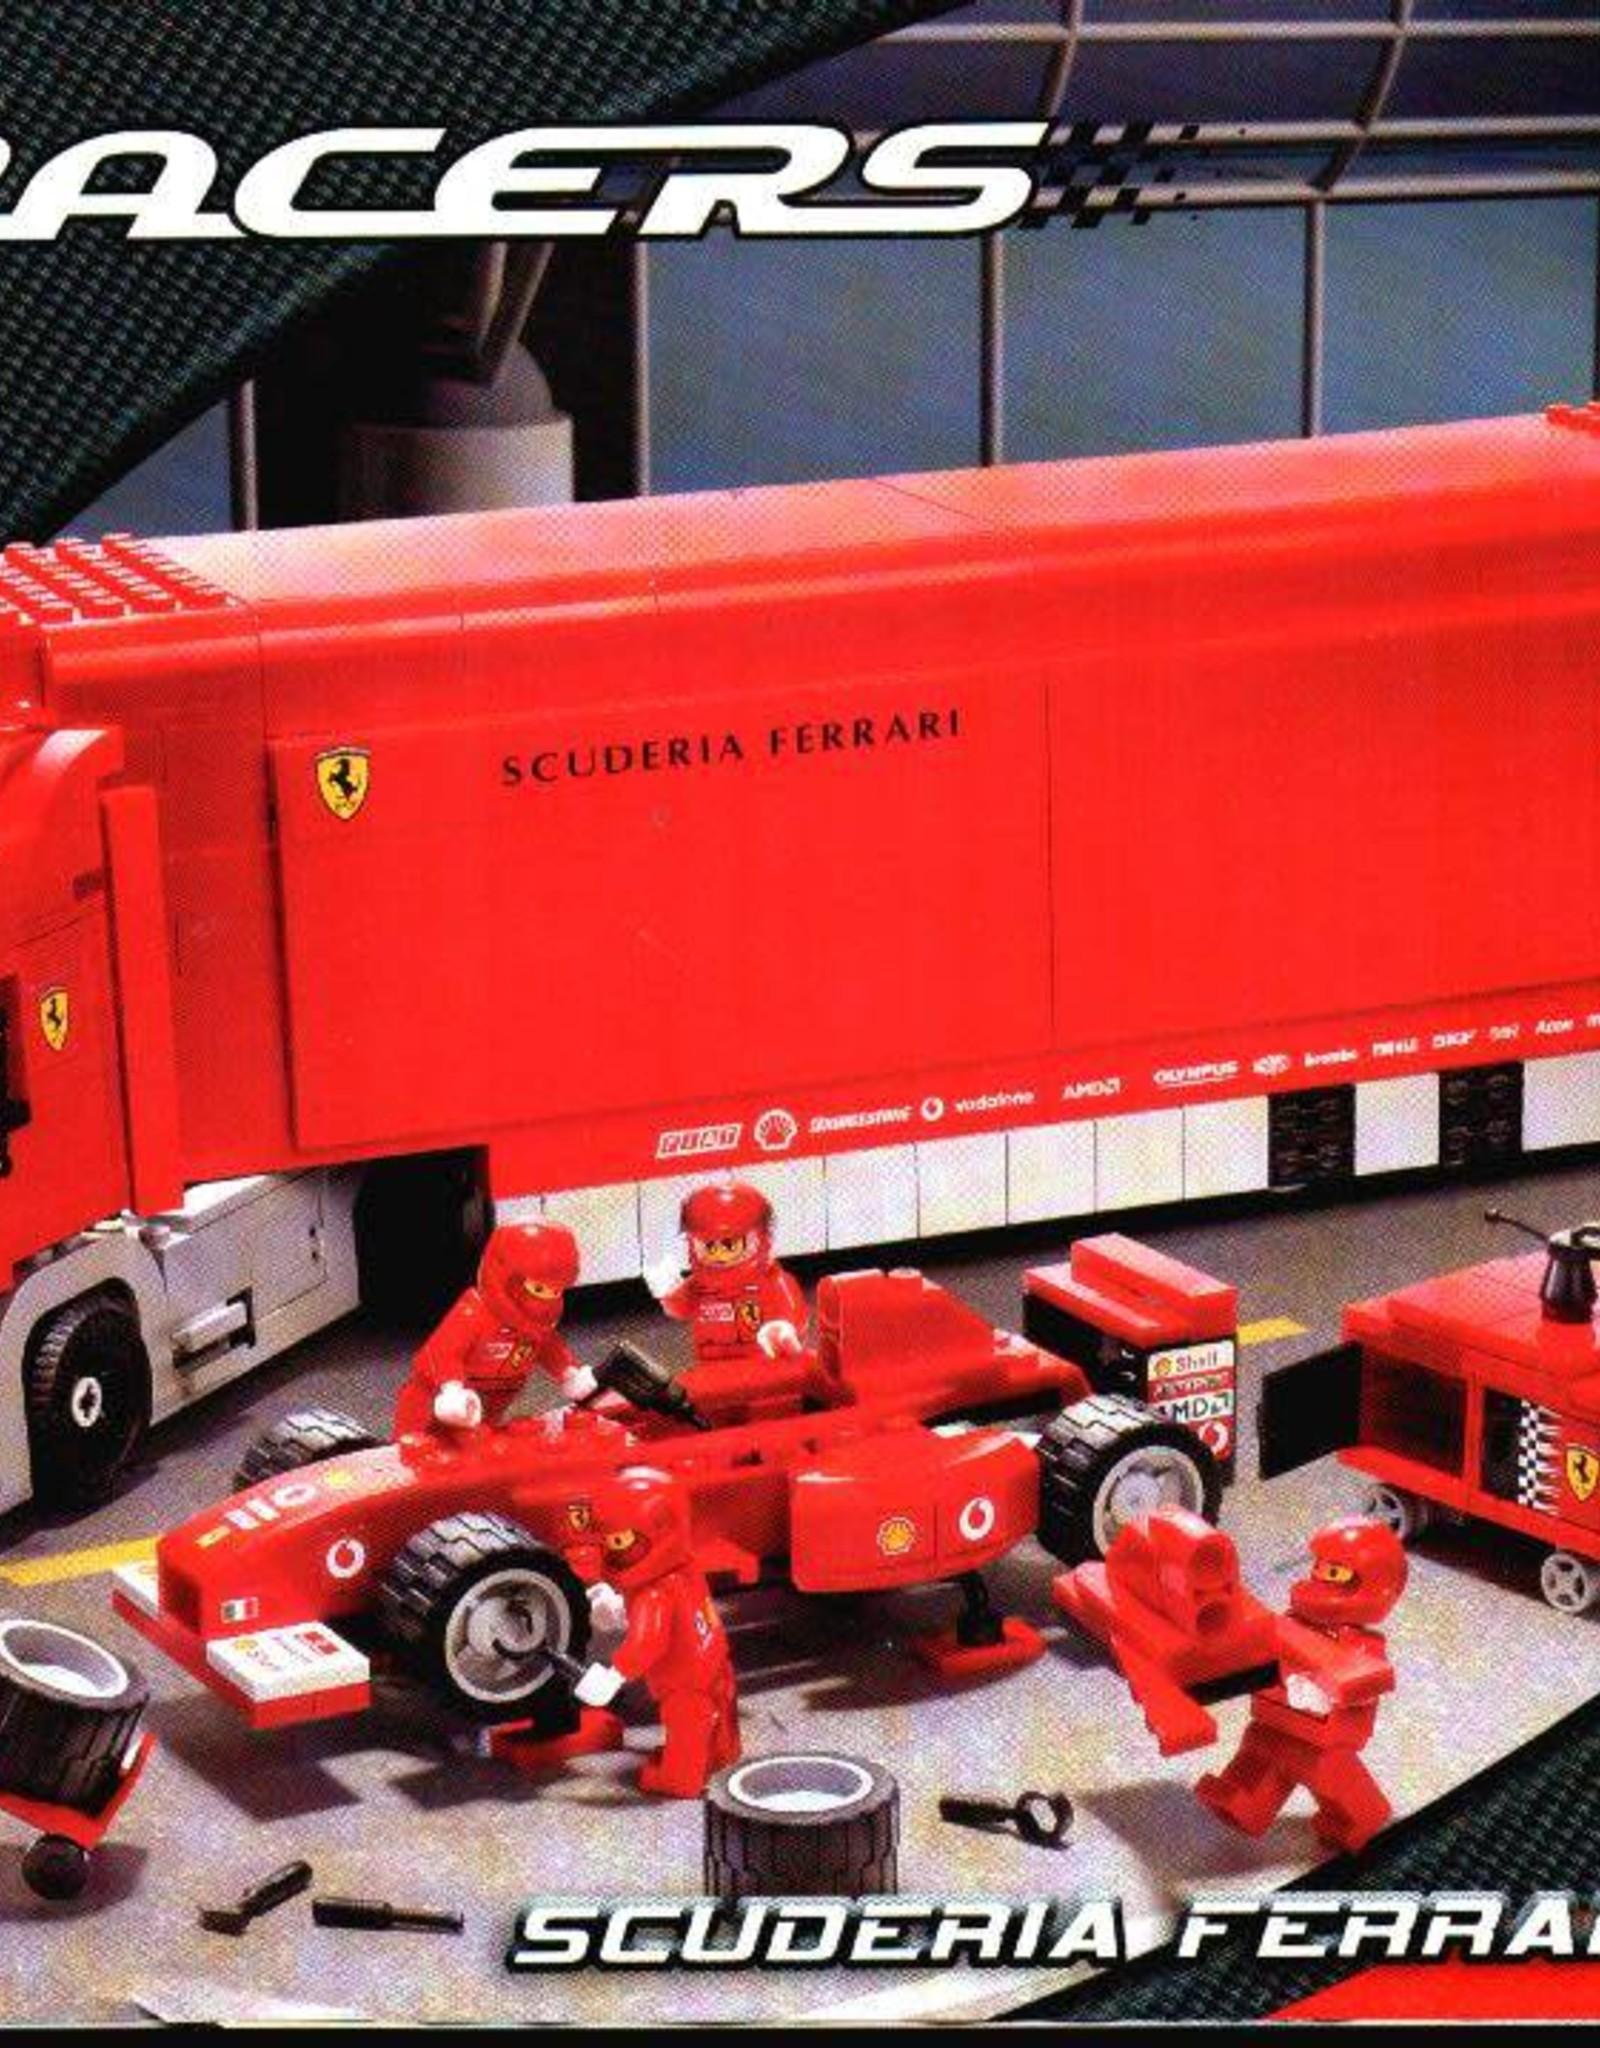 LEGO LEGO 8654 Scuderia Ferrari truck RACERS